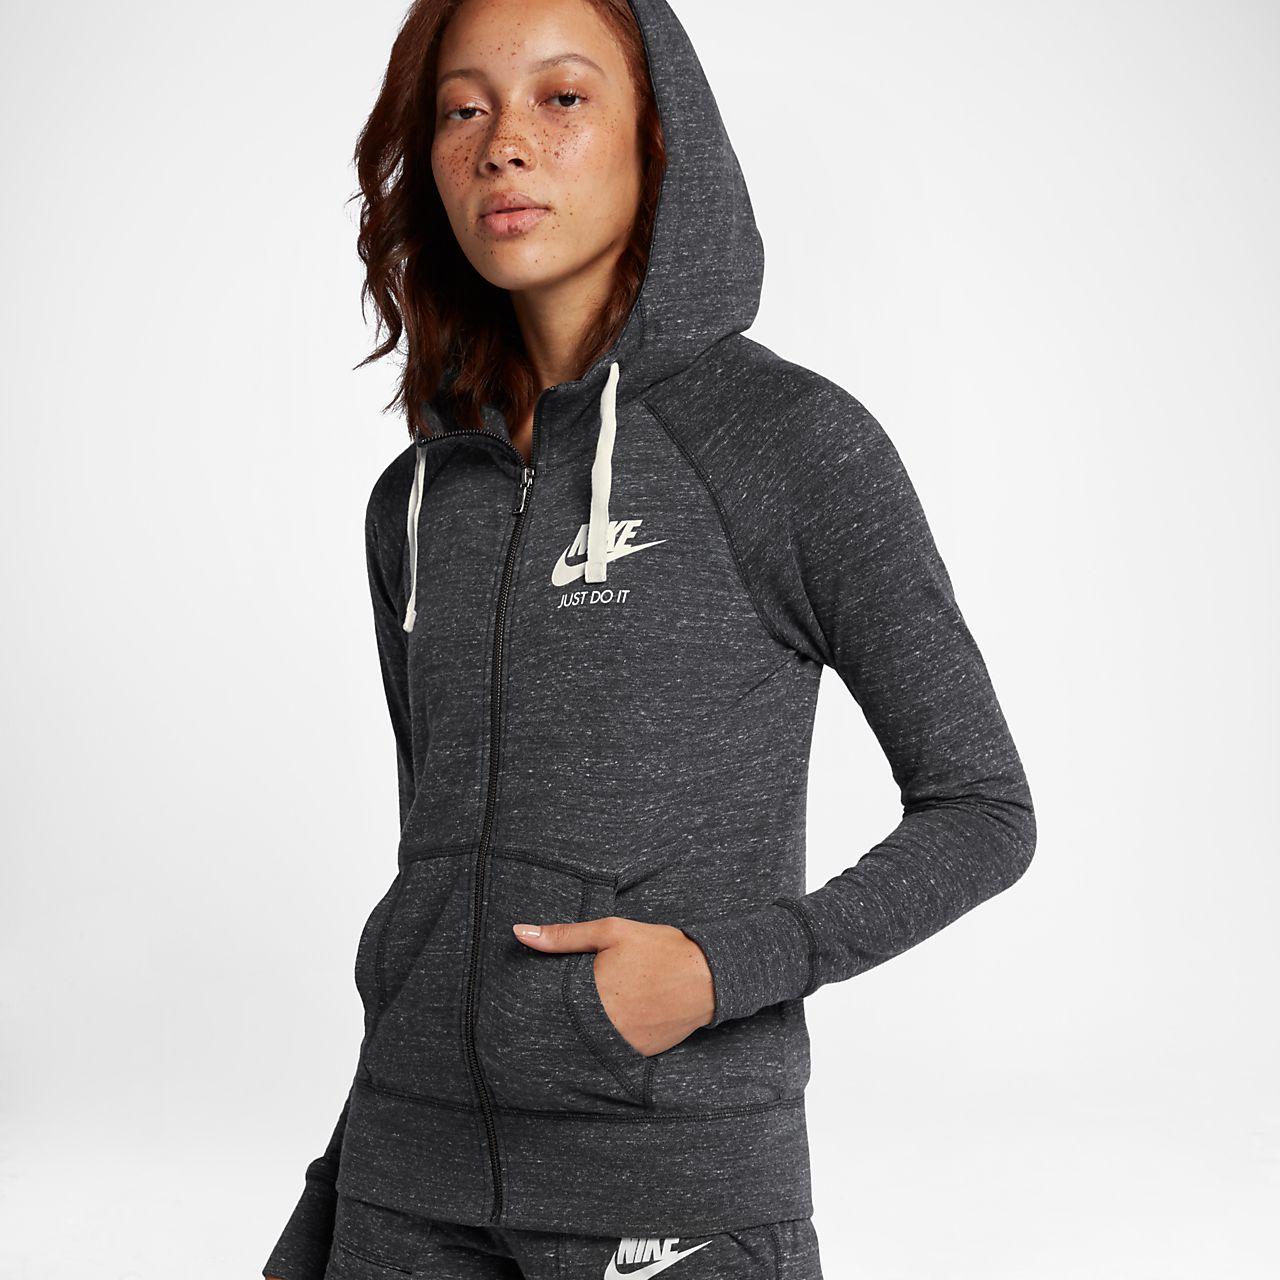 6842d8be2f ... Felpa con cappuccio e zip a tutta lunghezza Nike Sportswear Gym Vintage  - Donna